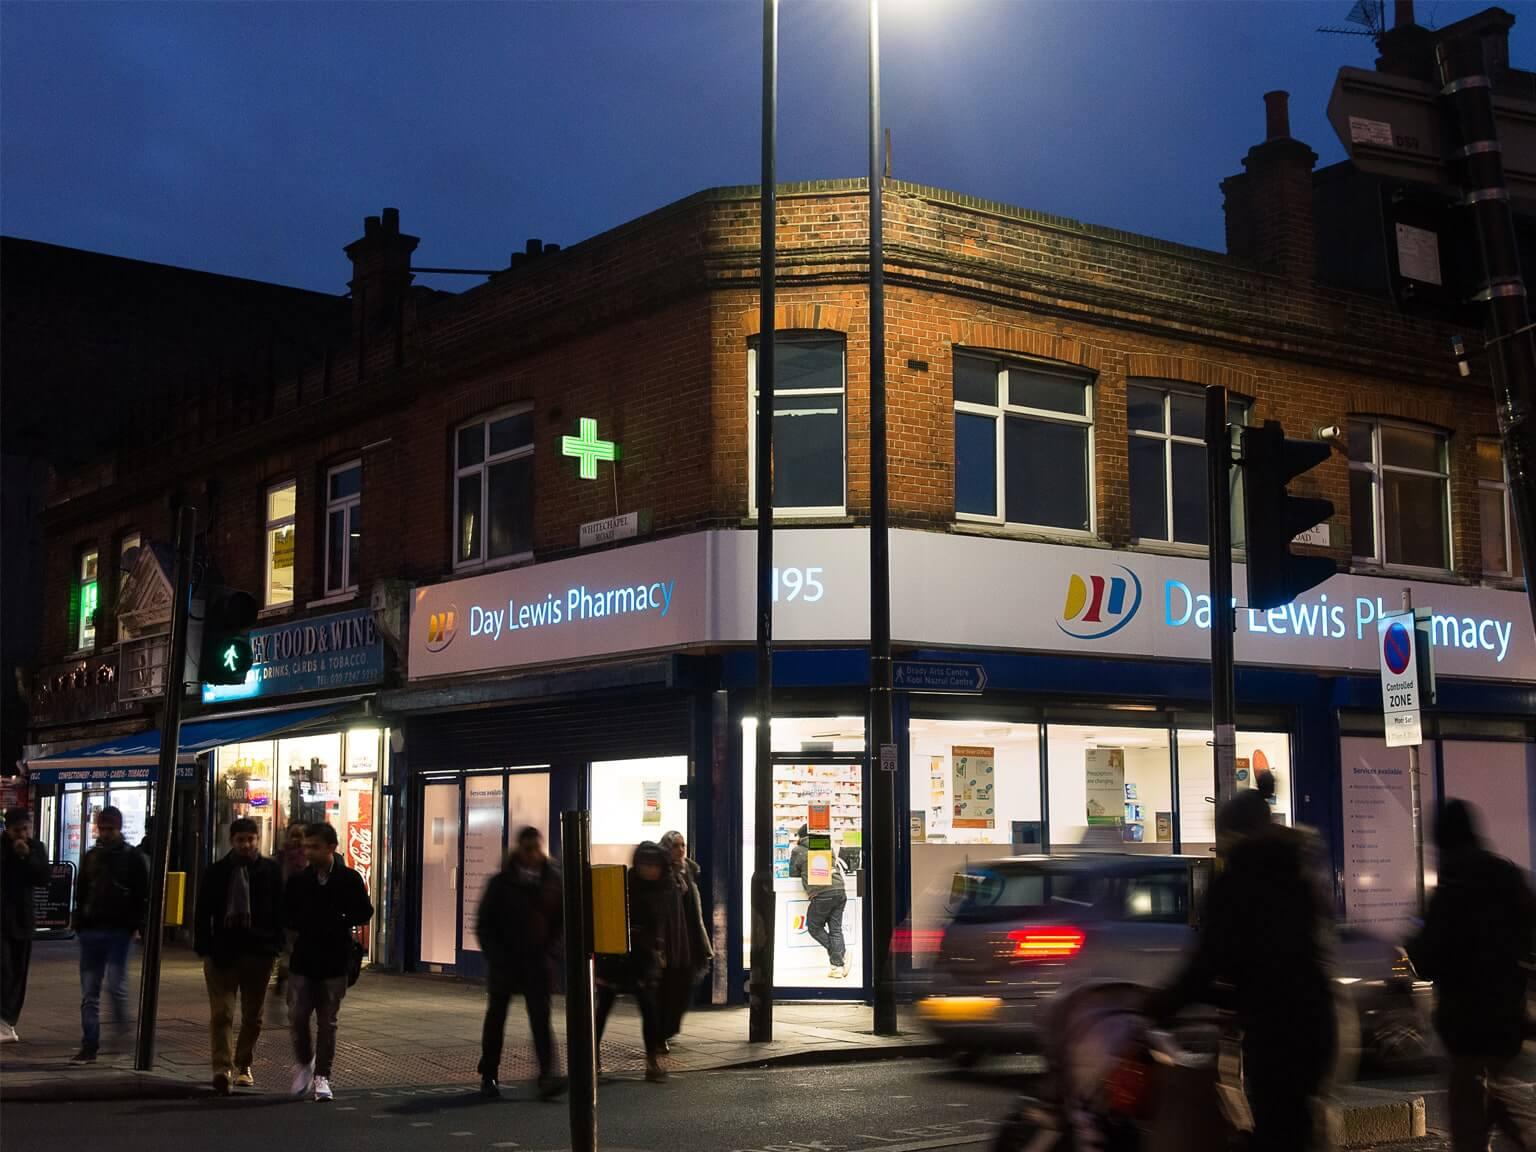 Day Lewis Pharmacy shopfront